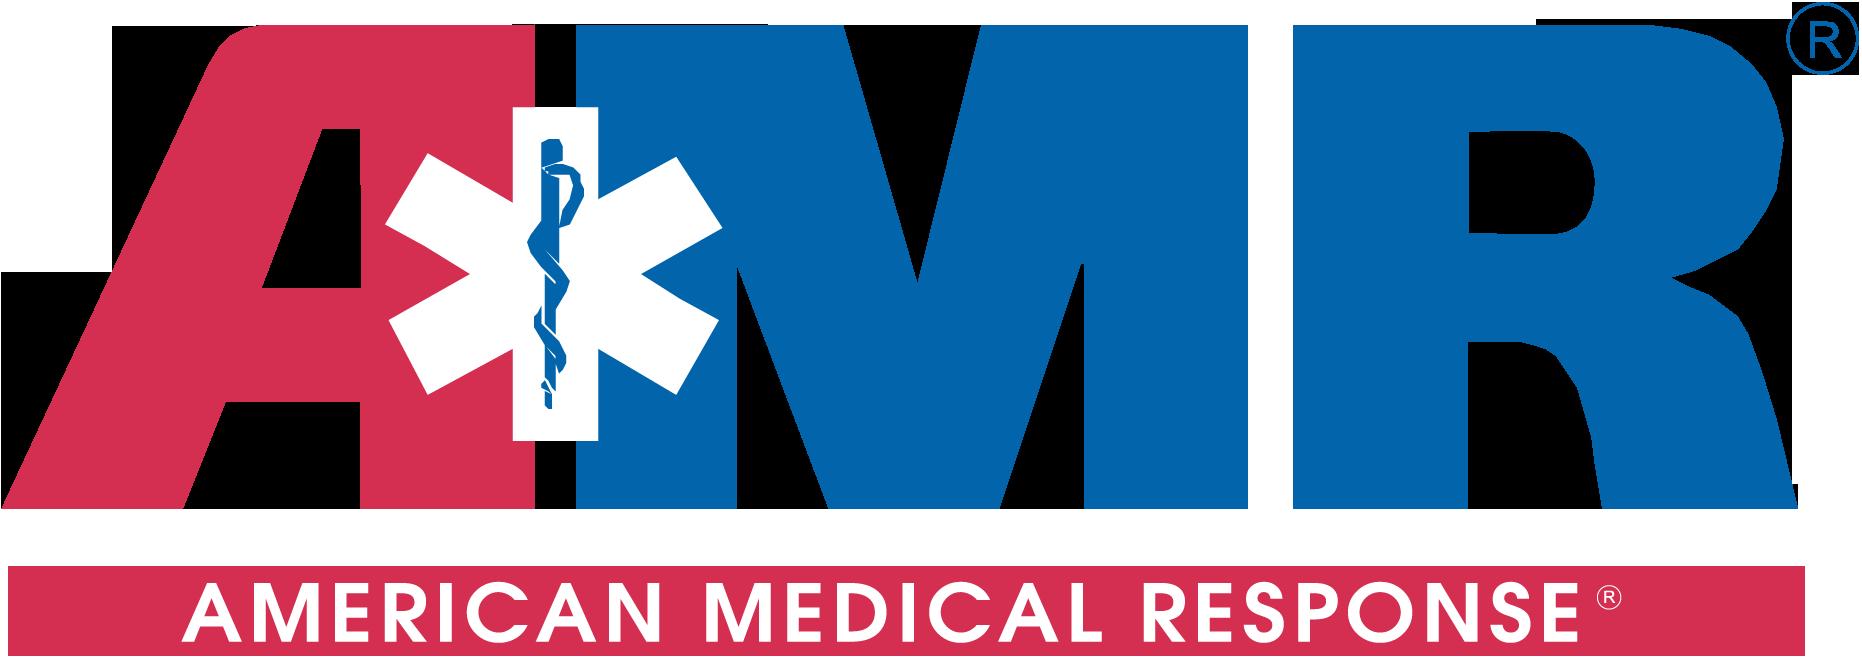 American_Medical_Response_Logo.png